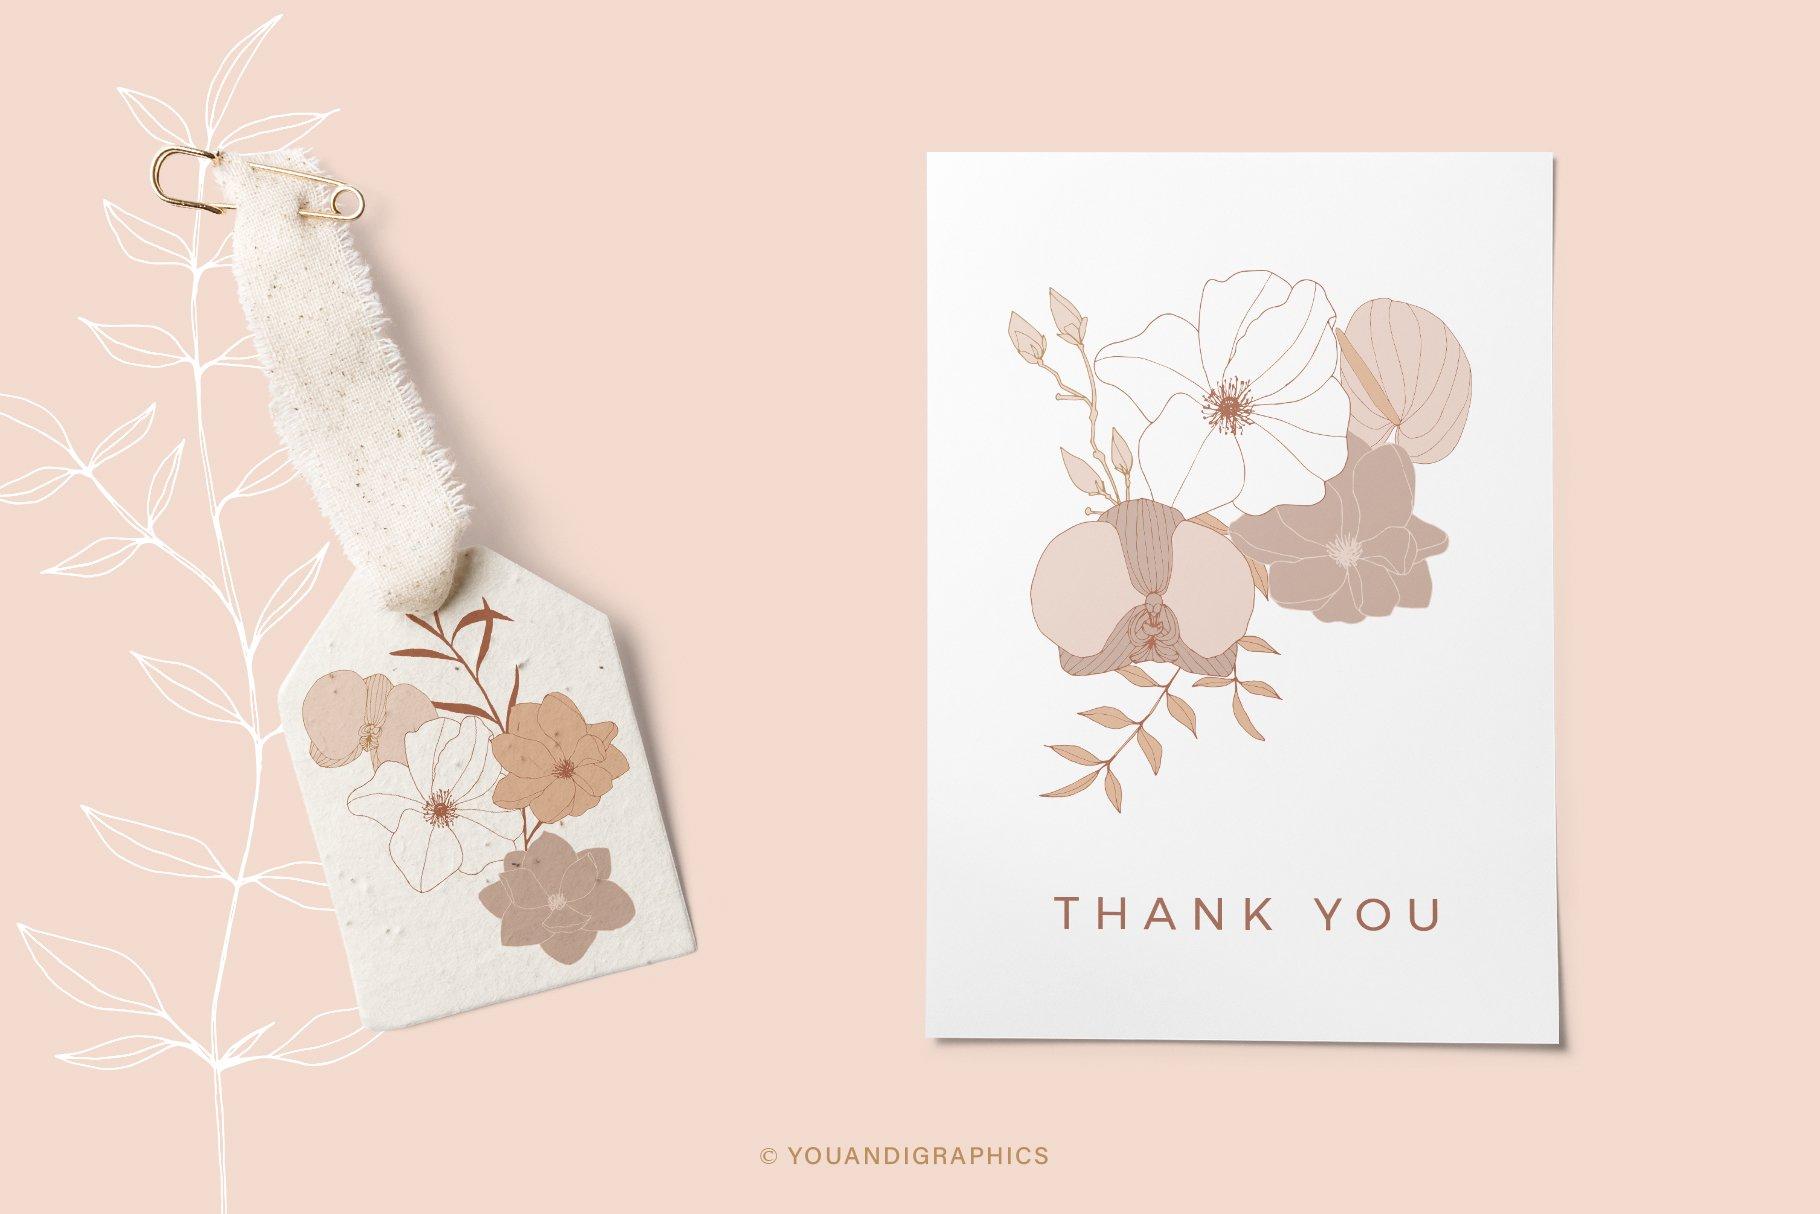 手绘盛开花卉花朵矢量无缝隙图案素材 Blooming Garden Floral Patterns插图(9)